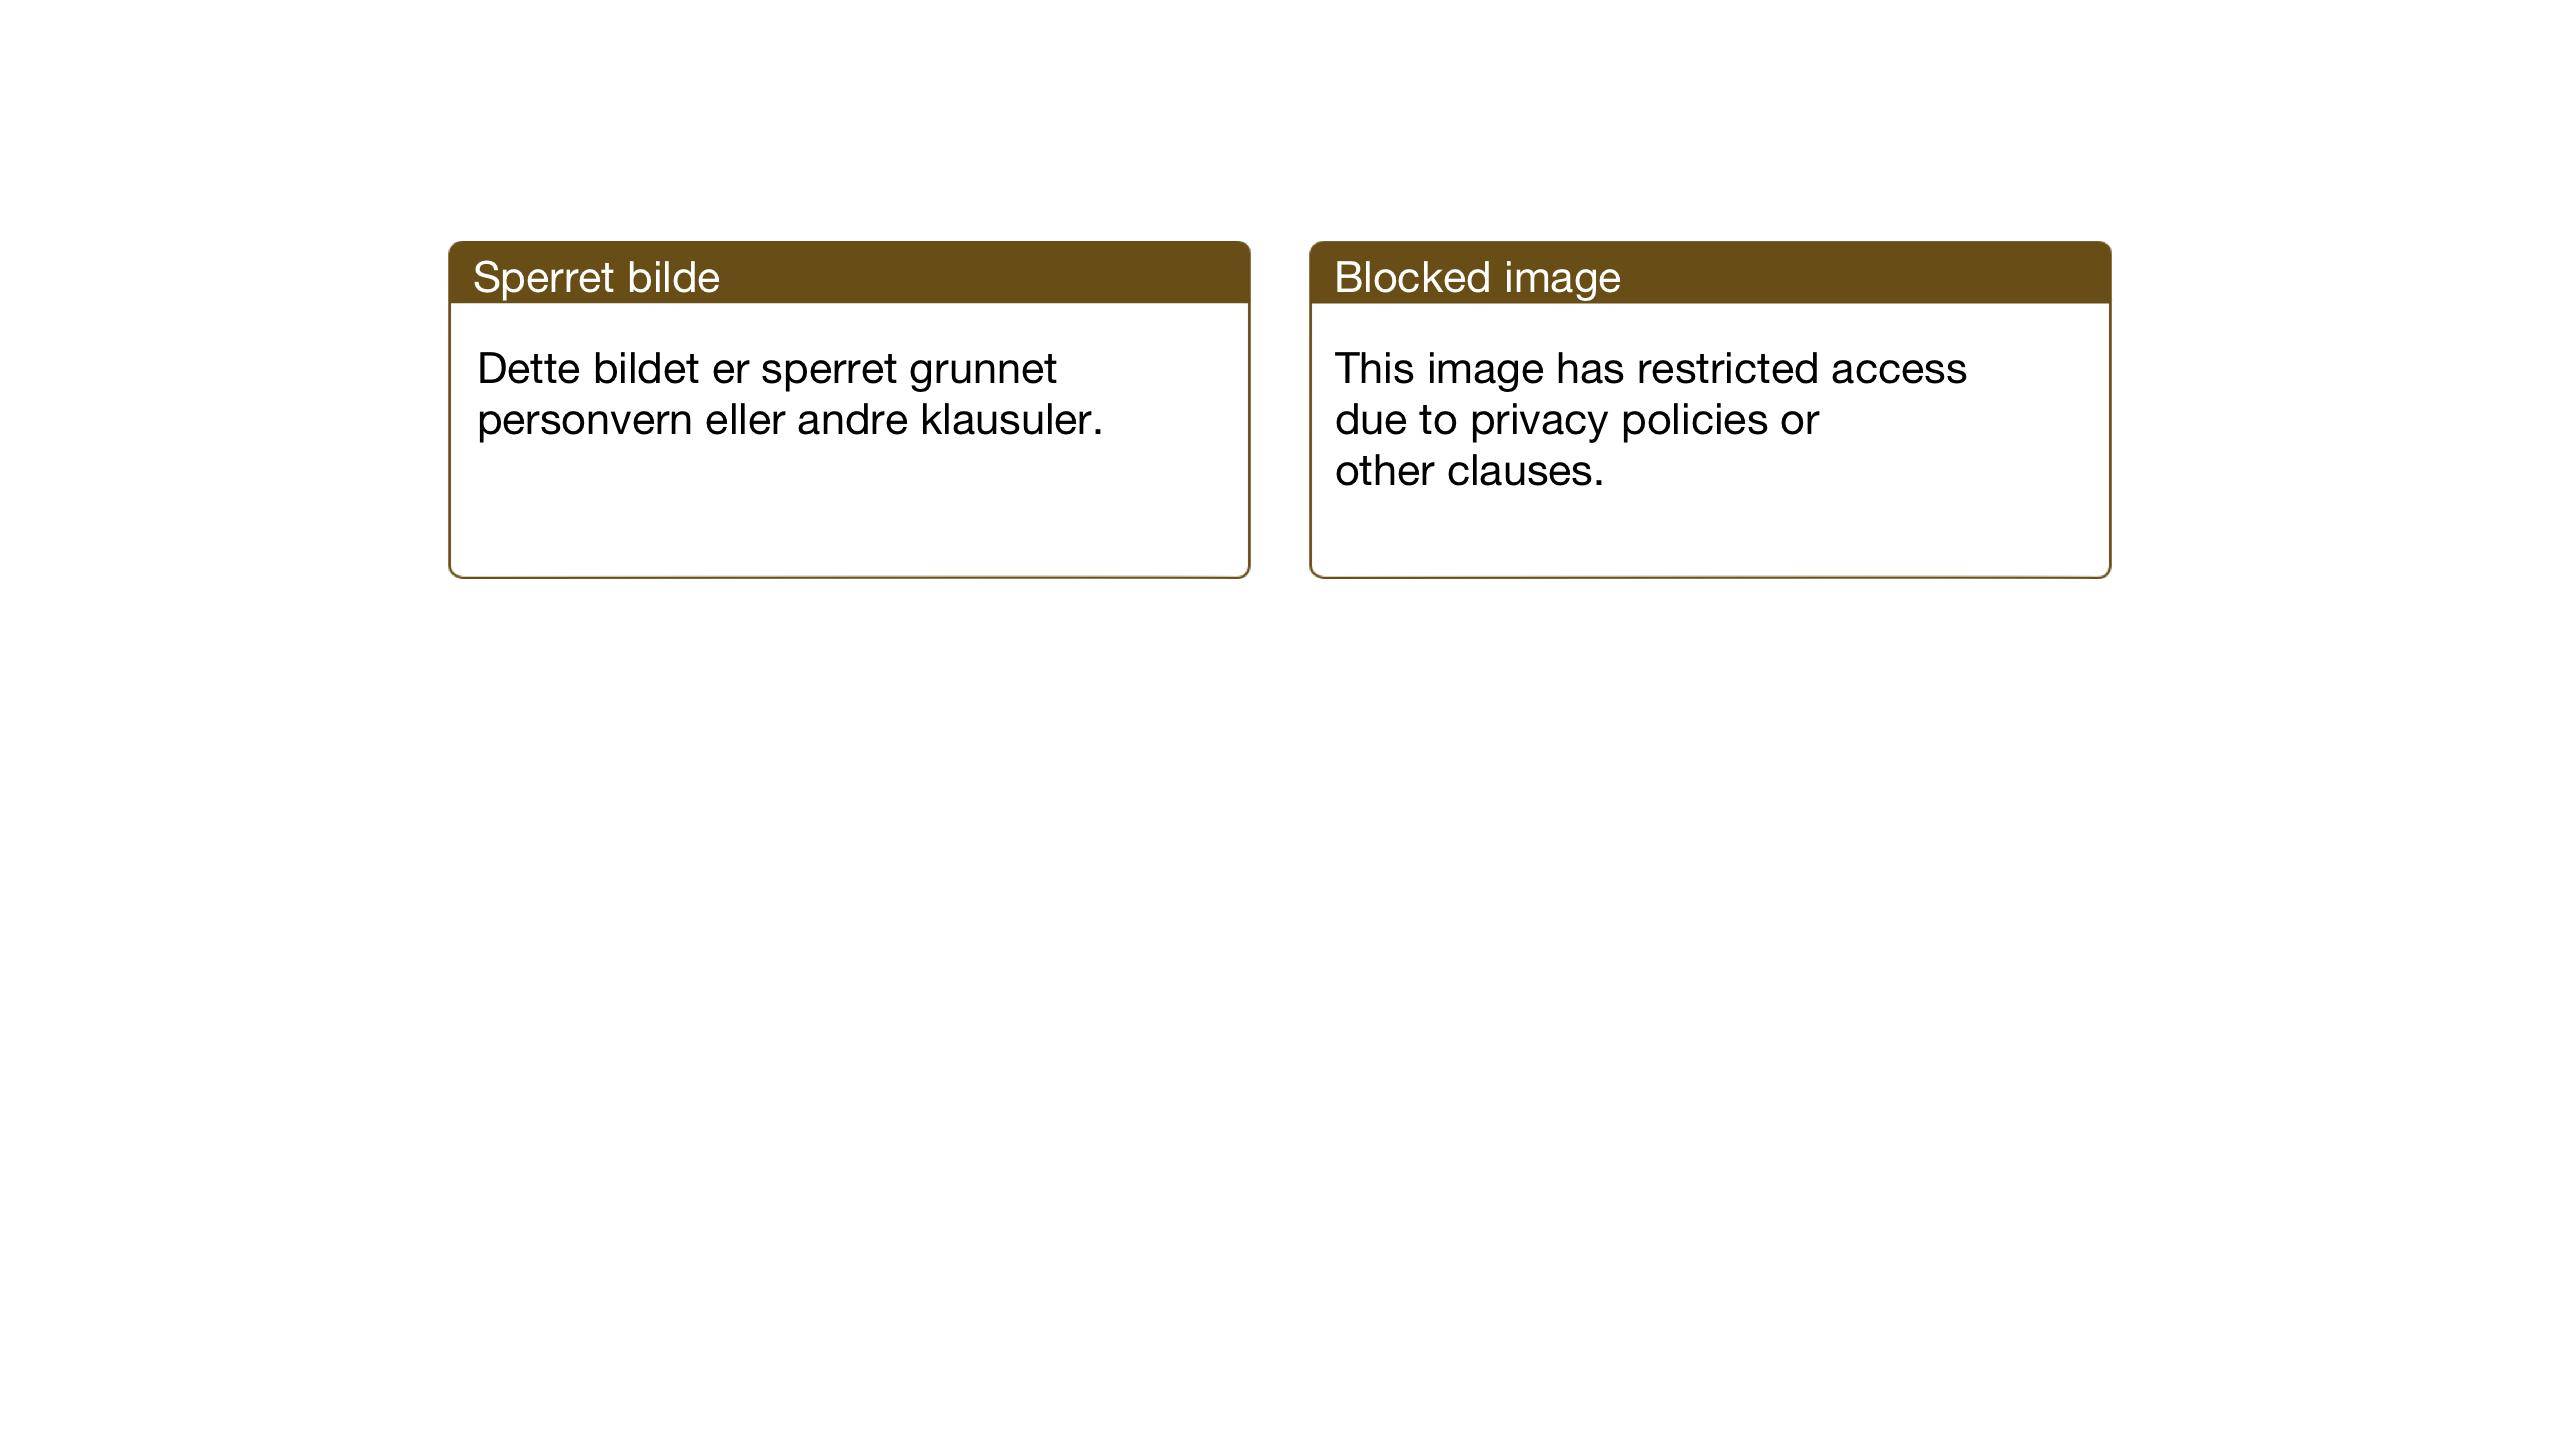 SAT, Ministerialprotokoller, klokkerbøker og fødselsregistre - Sør-Trøndelag, 665/L0778: Klokkerbok nr. 665C03, 1916-1938, s. 37